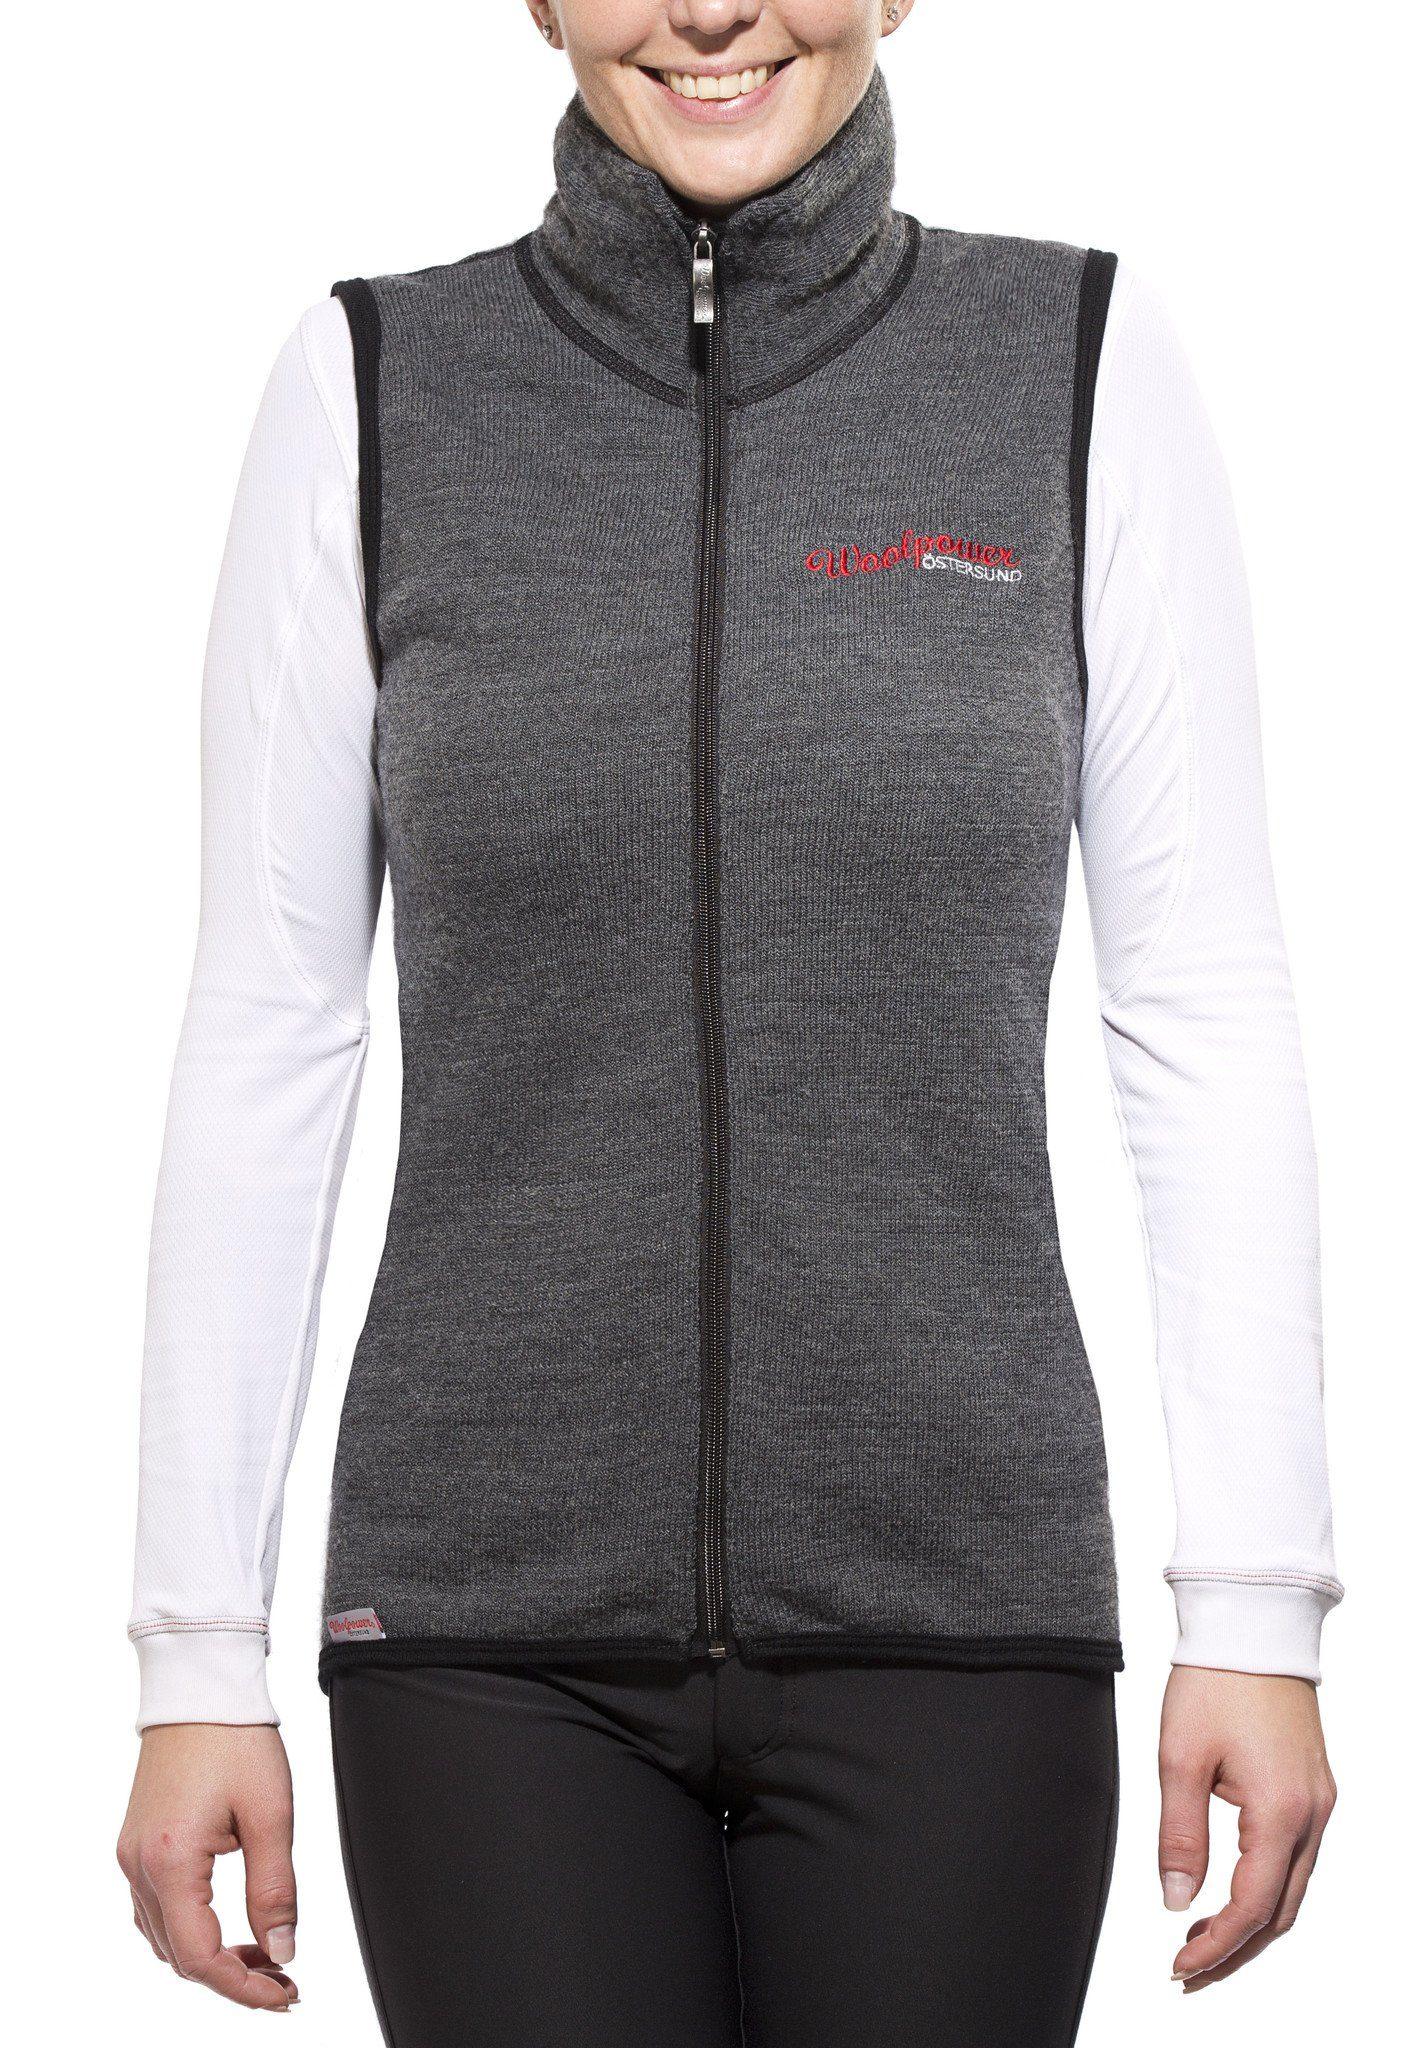 Damen Woolpower Weste »400 Vest« grau | 07317430009002, 07317430020571, 07317430024722